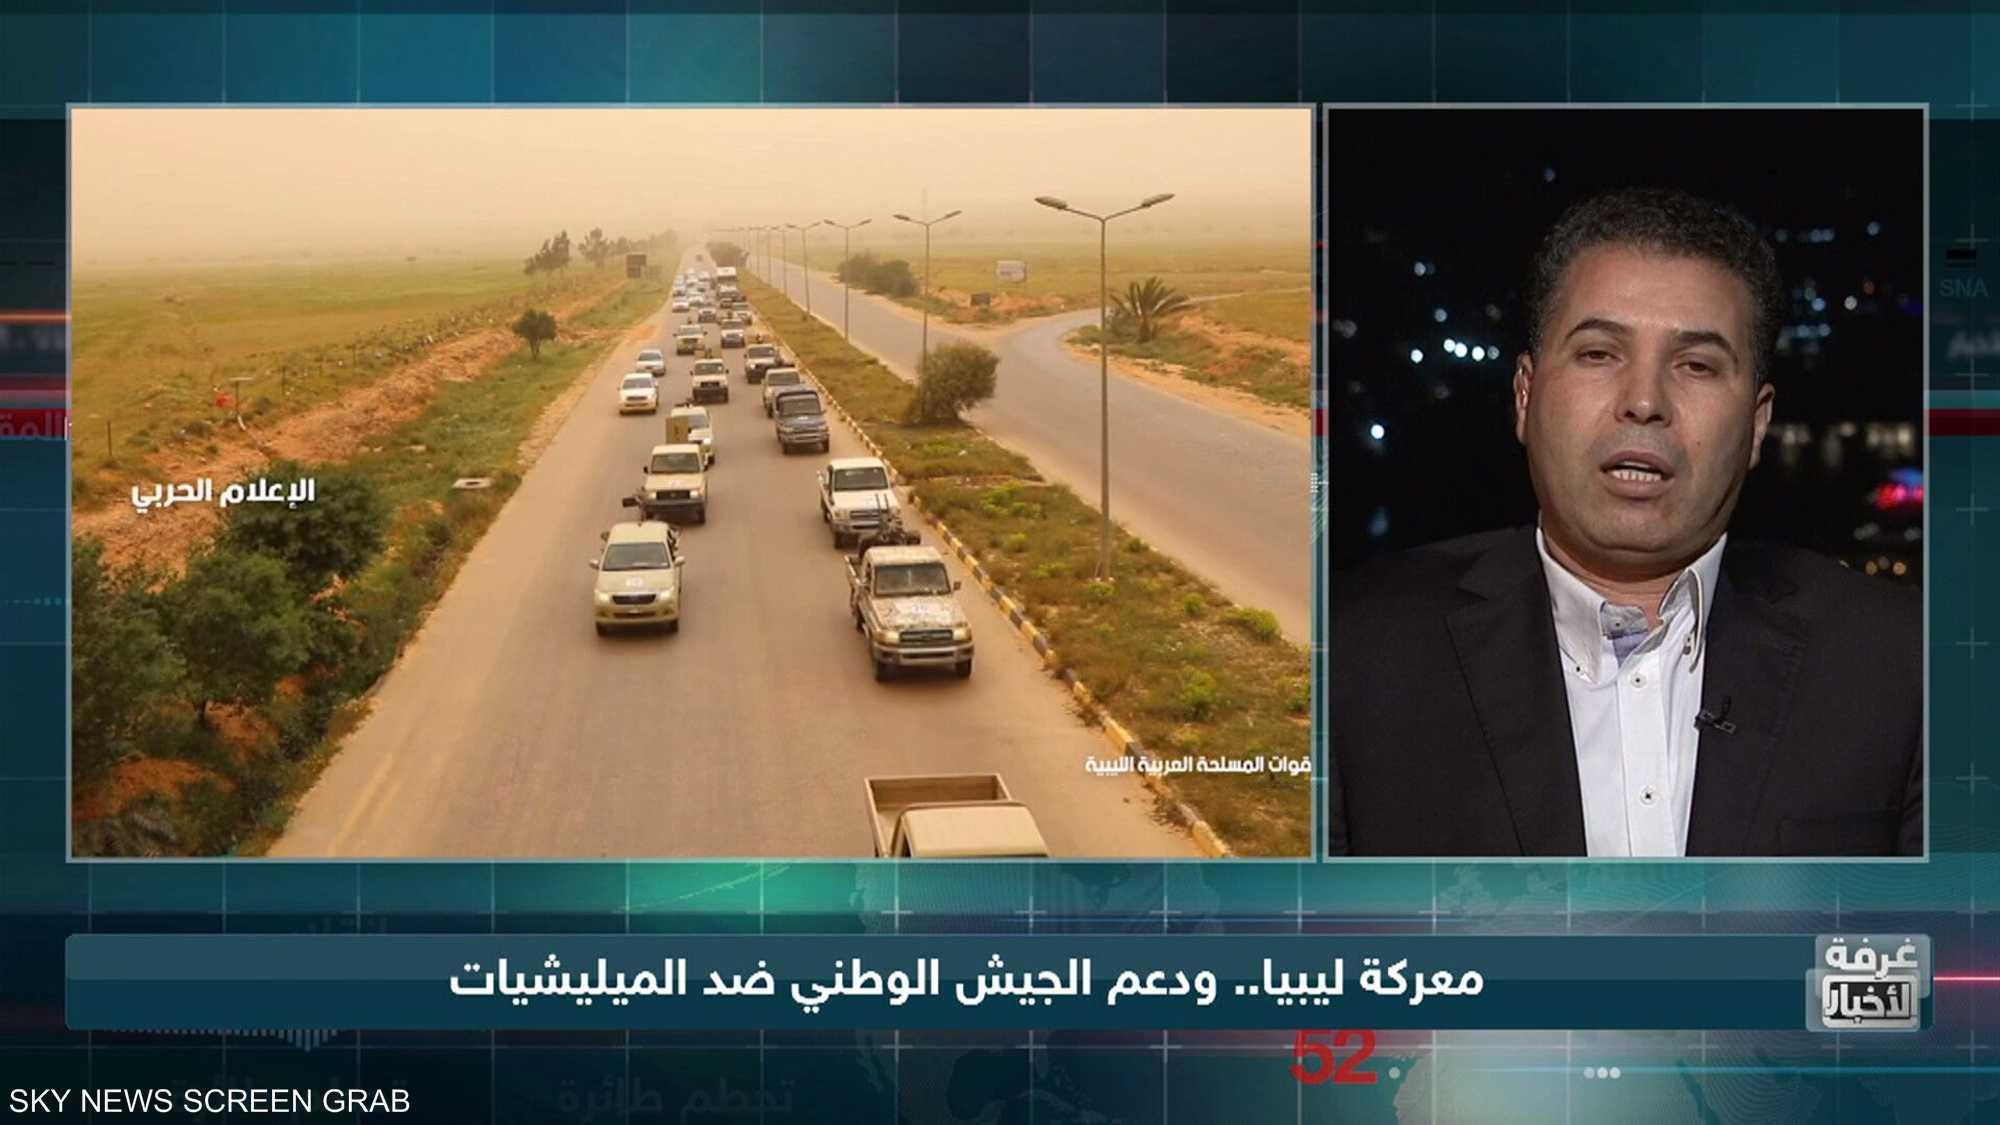 معركة ليبيا.. ودعم الجيش الوطني ضد الميليشيات